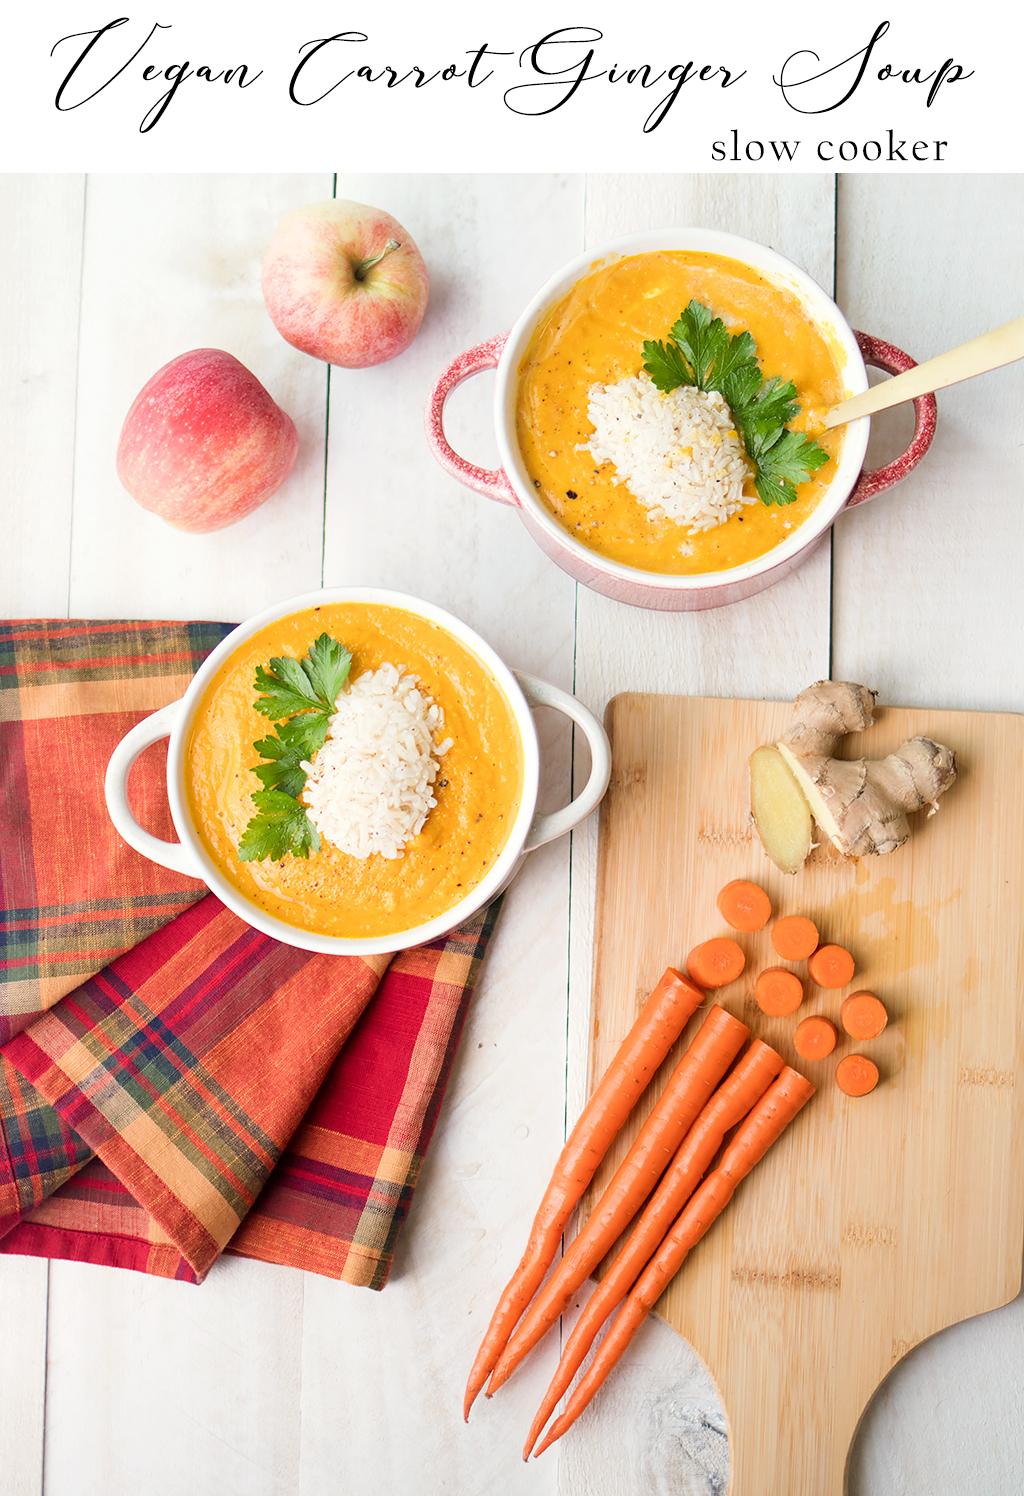 Crock Pot Vegan Carrot Ginger Soup